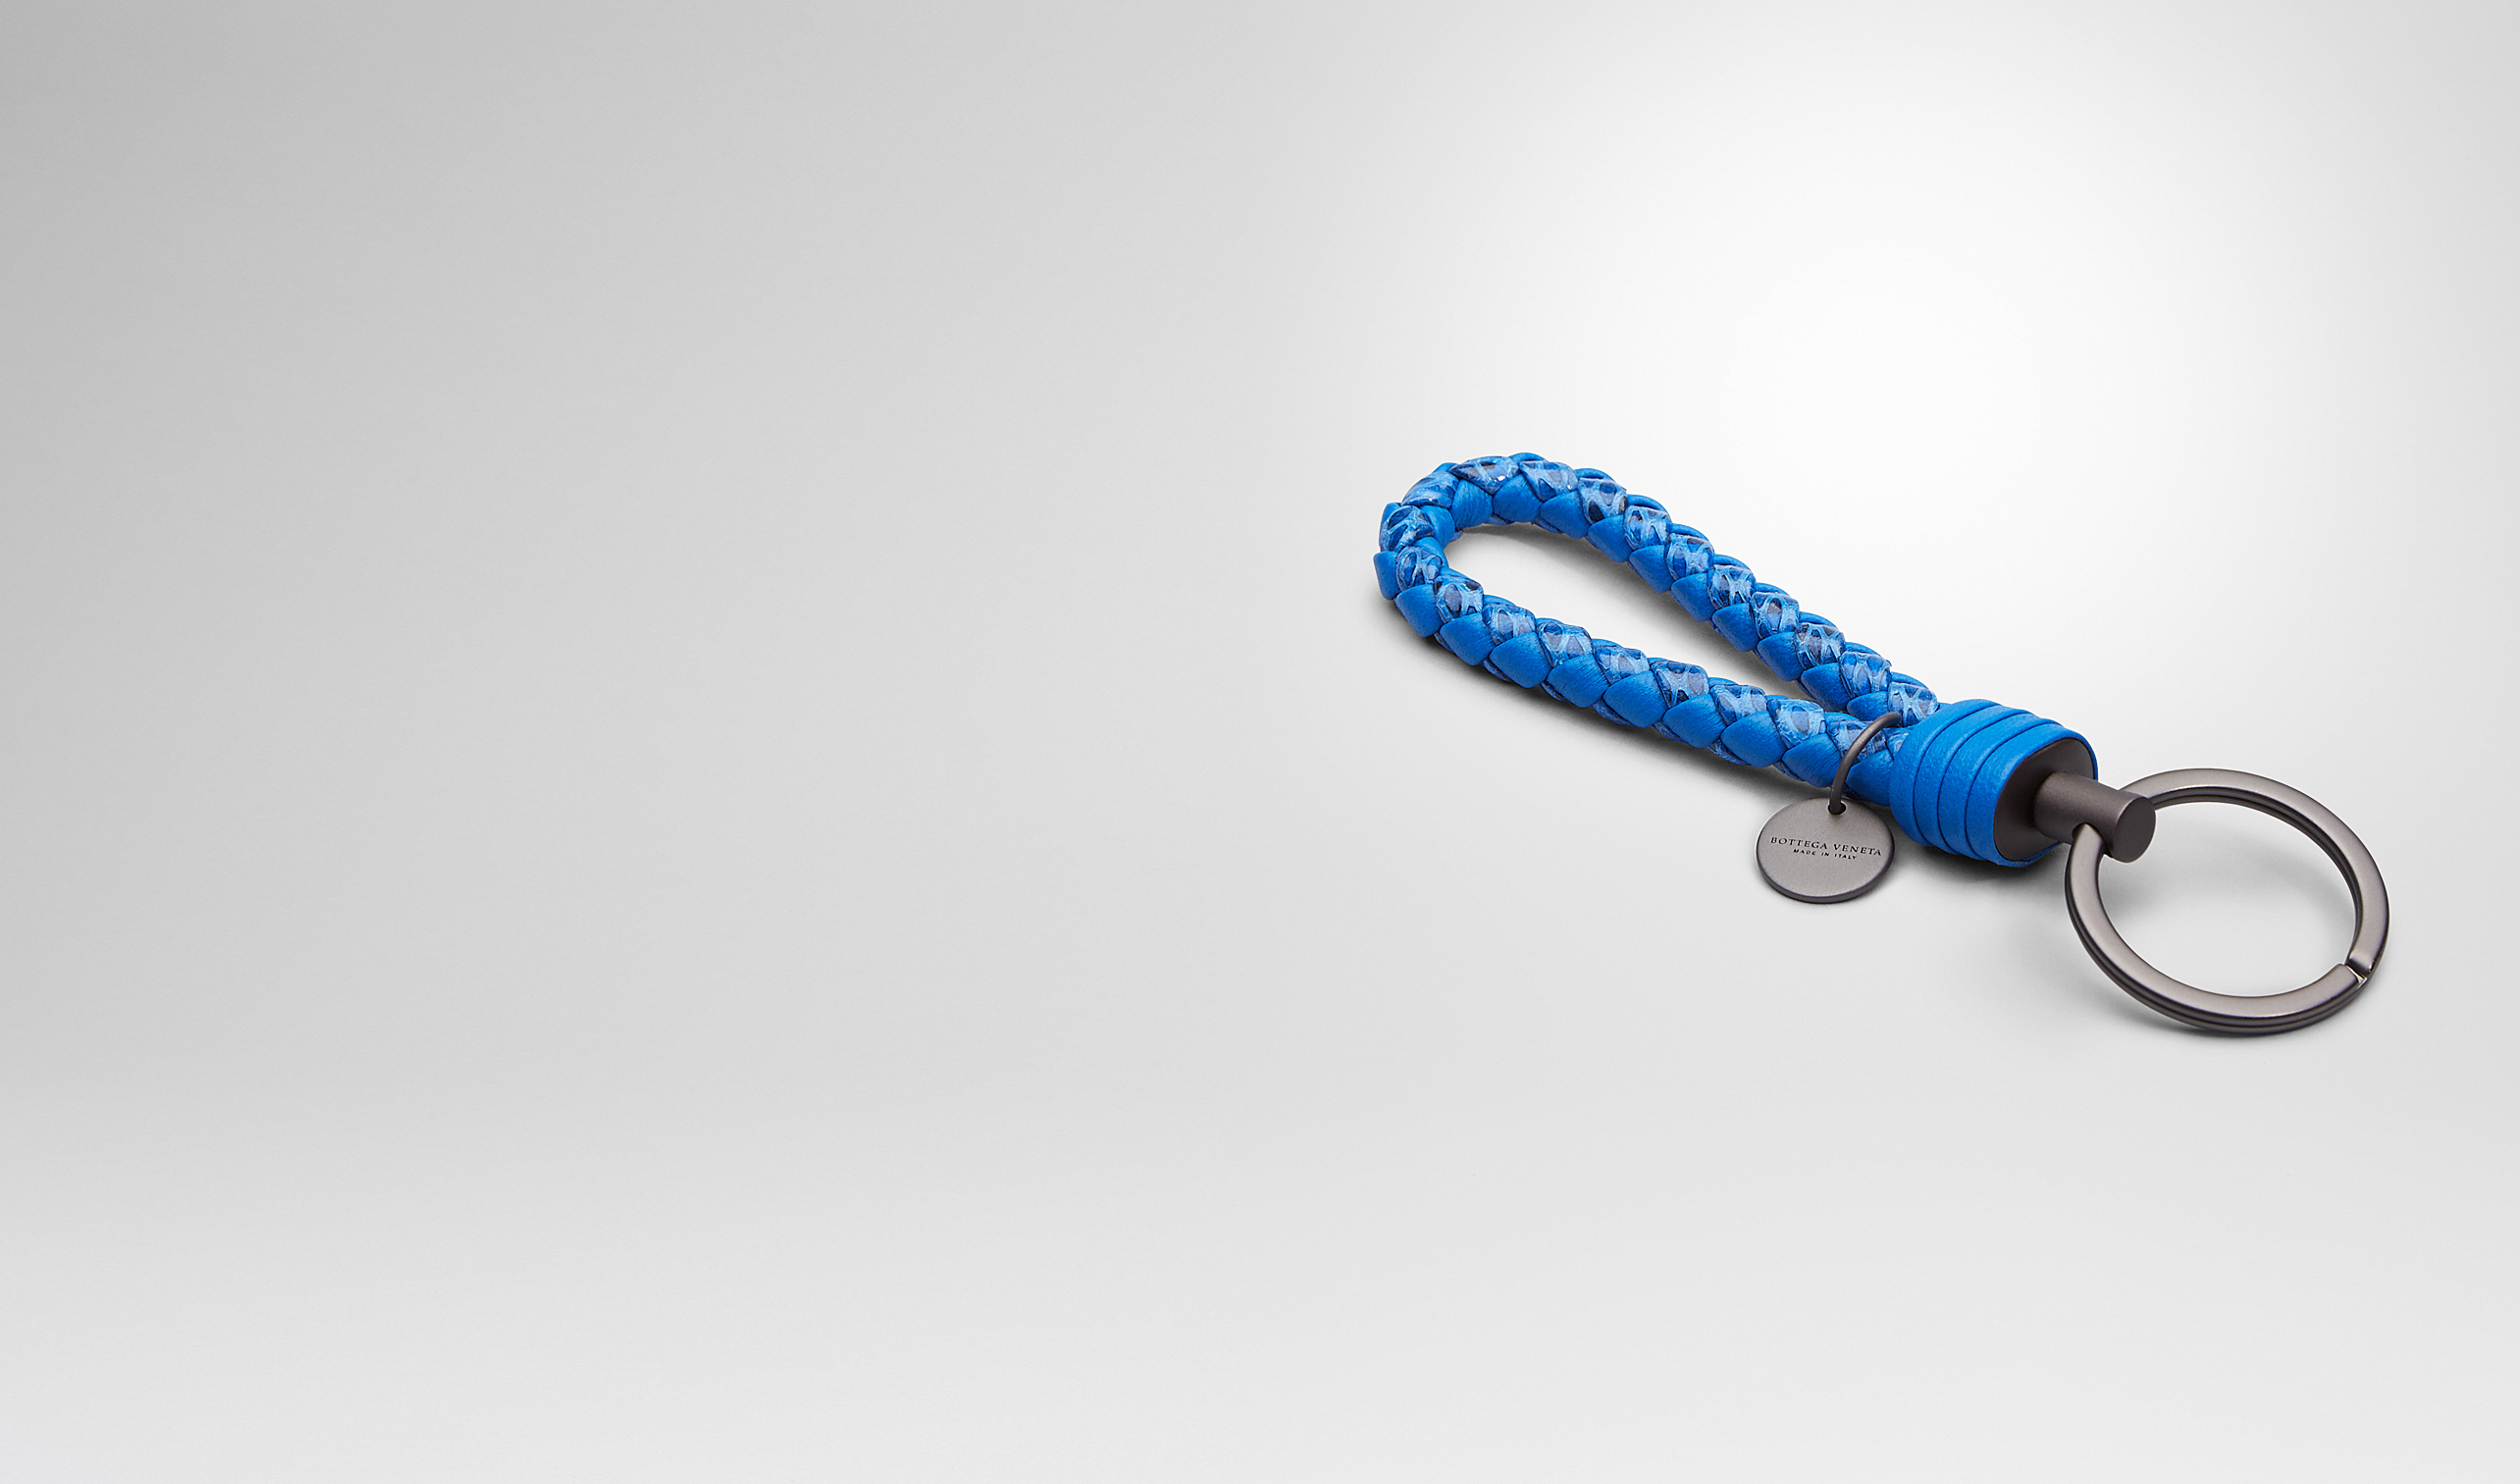 BOTTEGA VENETA Keyring or Bracelets E SIGNAL BLUE Intrecciato Ayers Livrea KEY RING pl